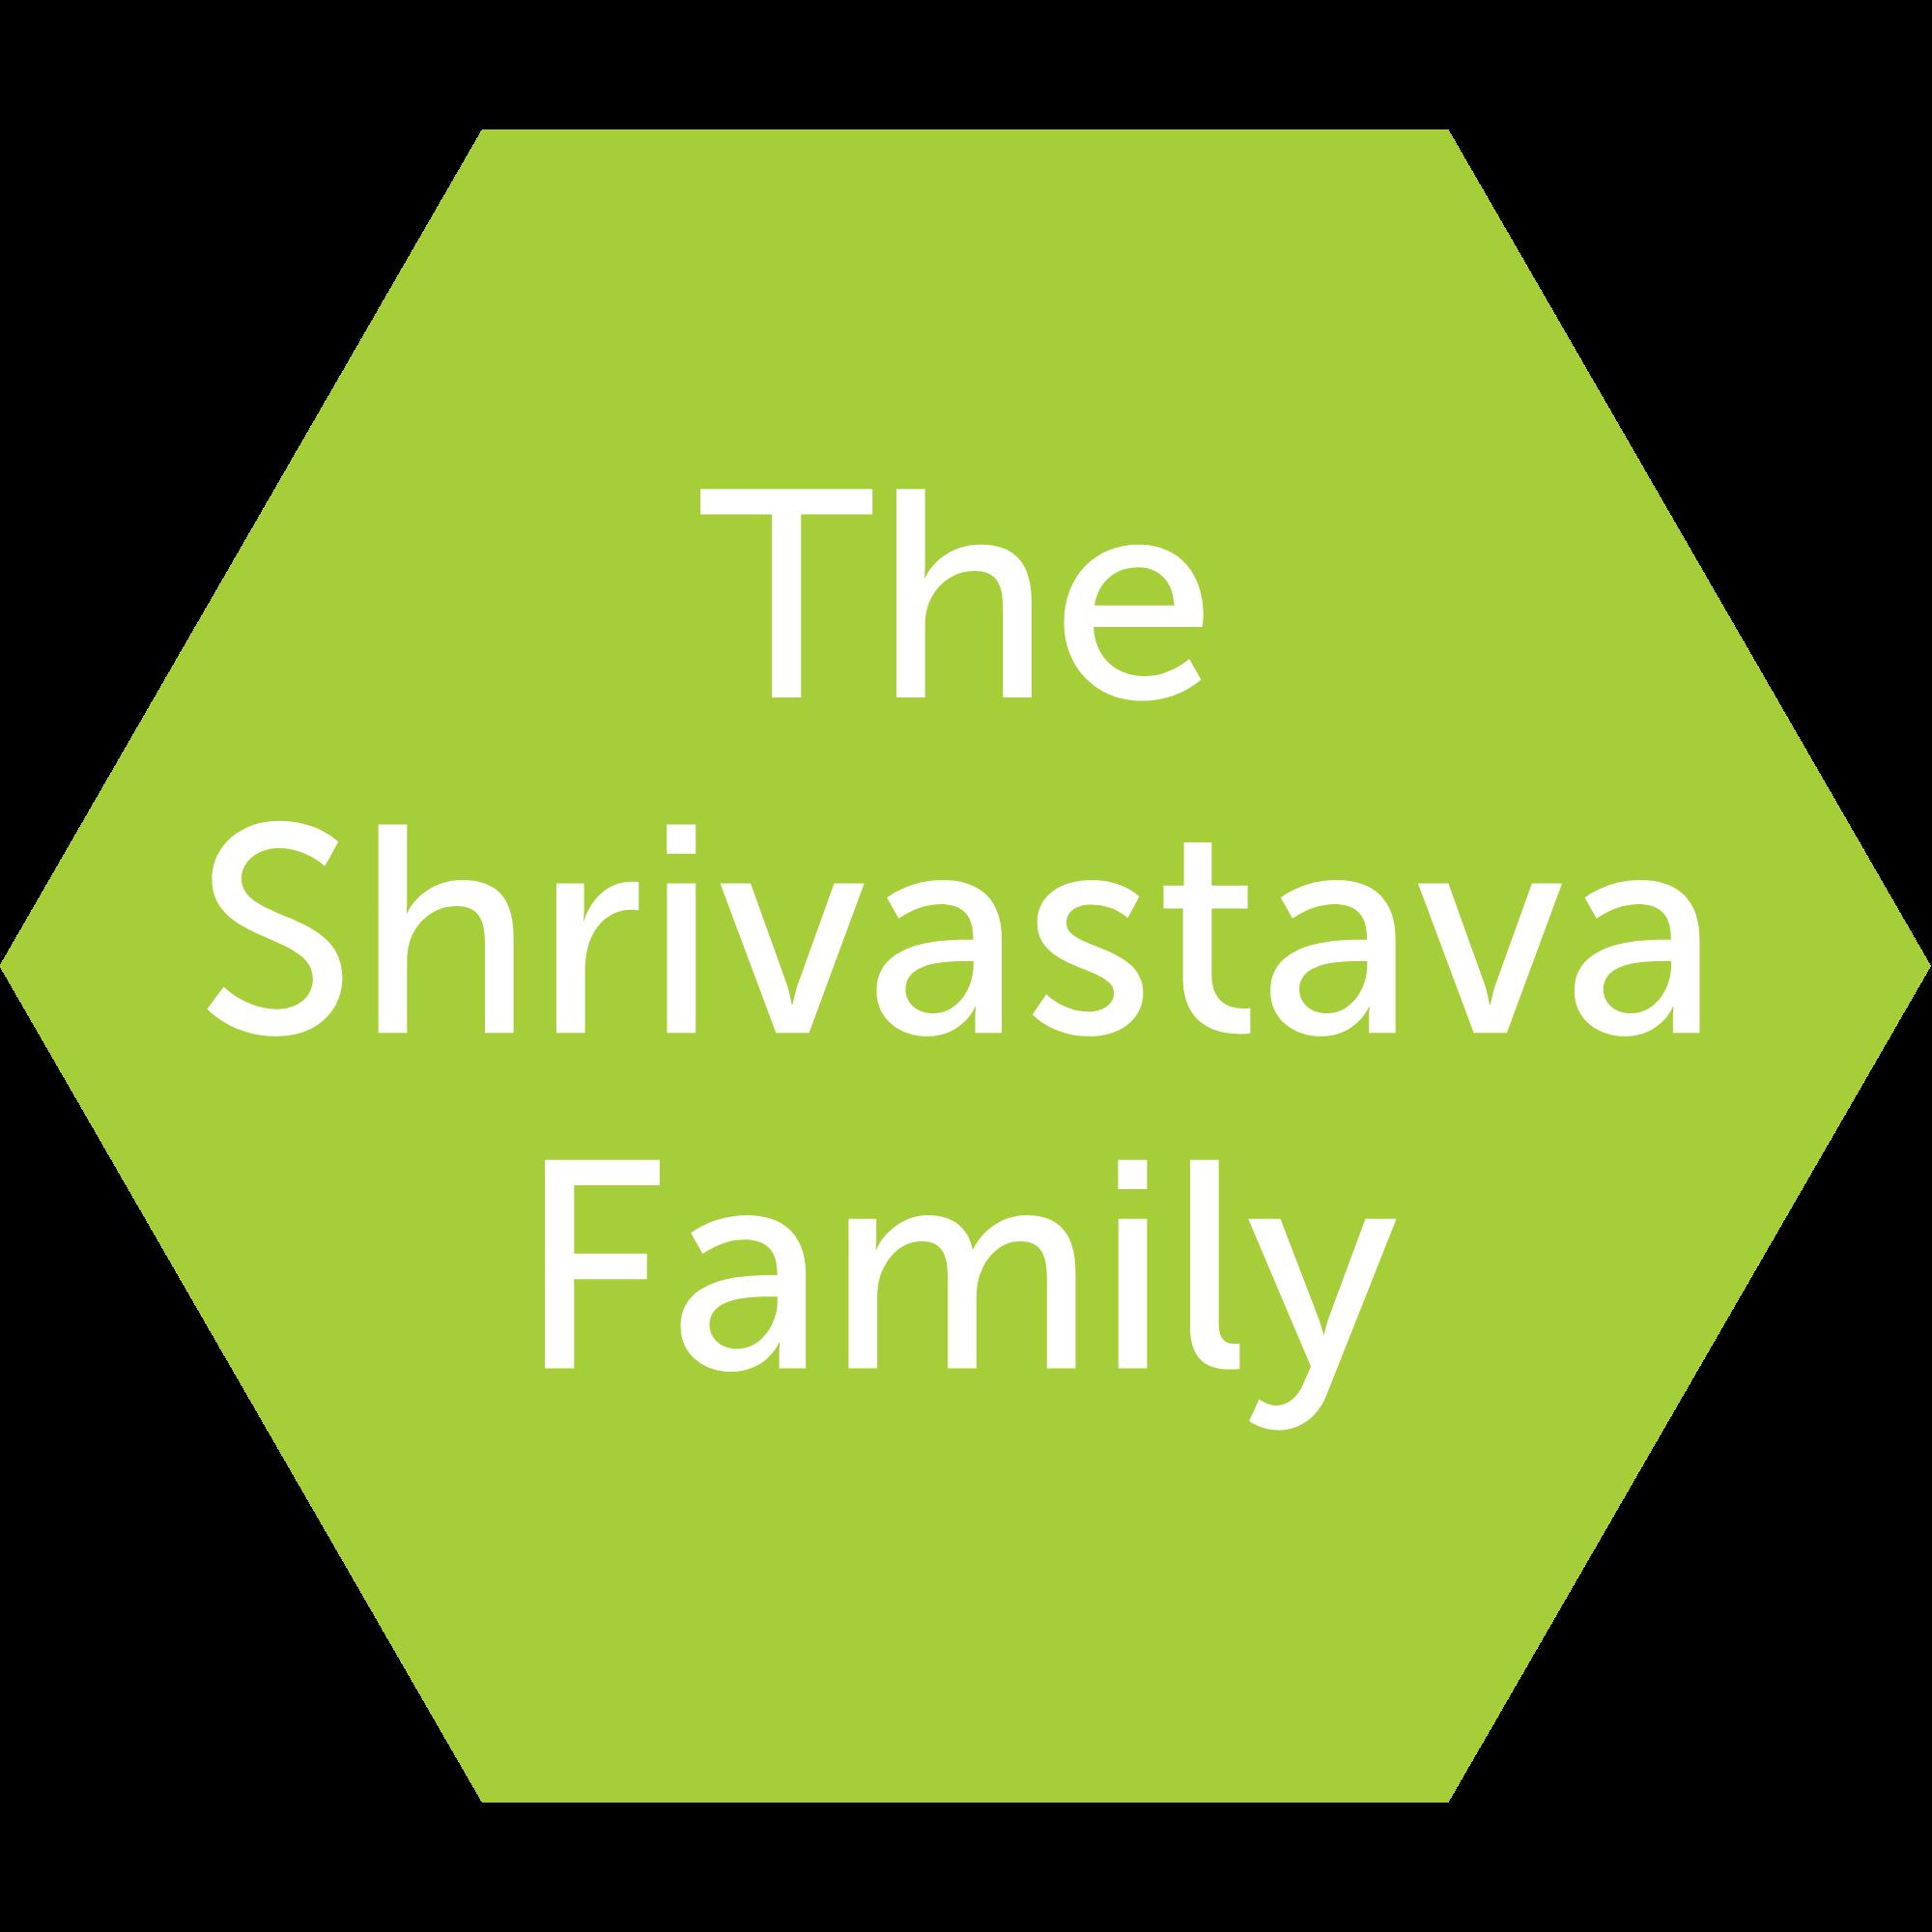 The Shrivastava Family